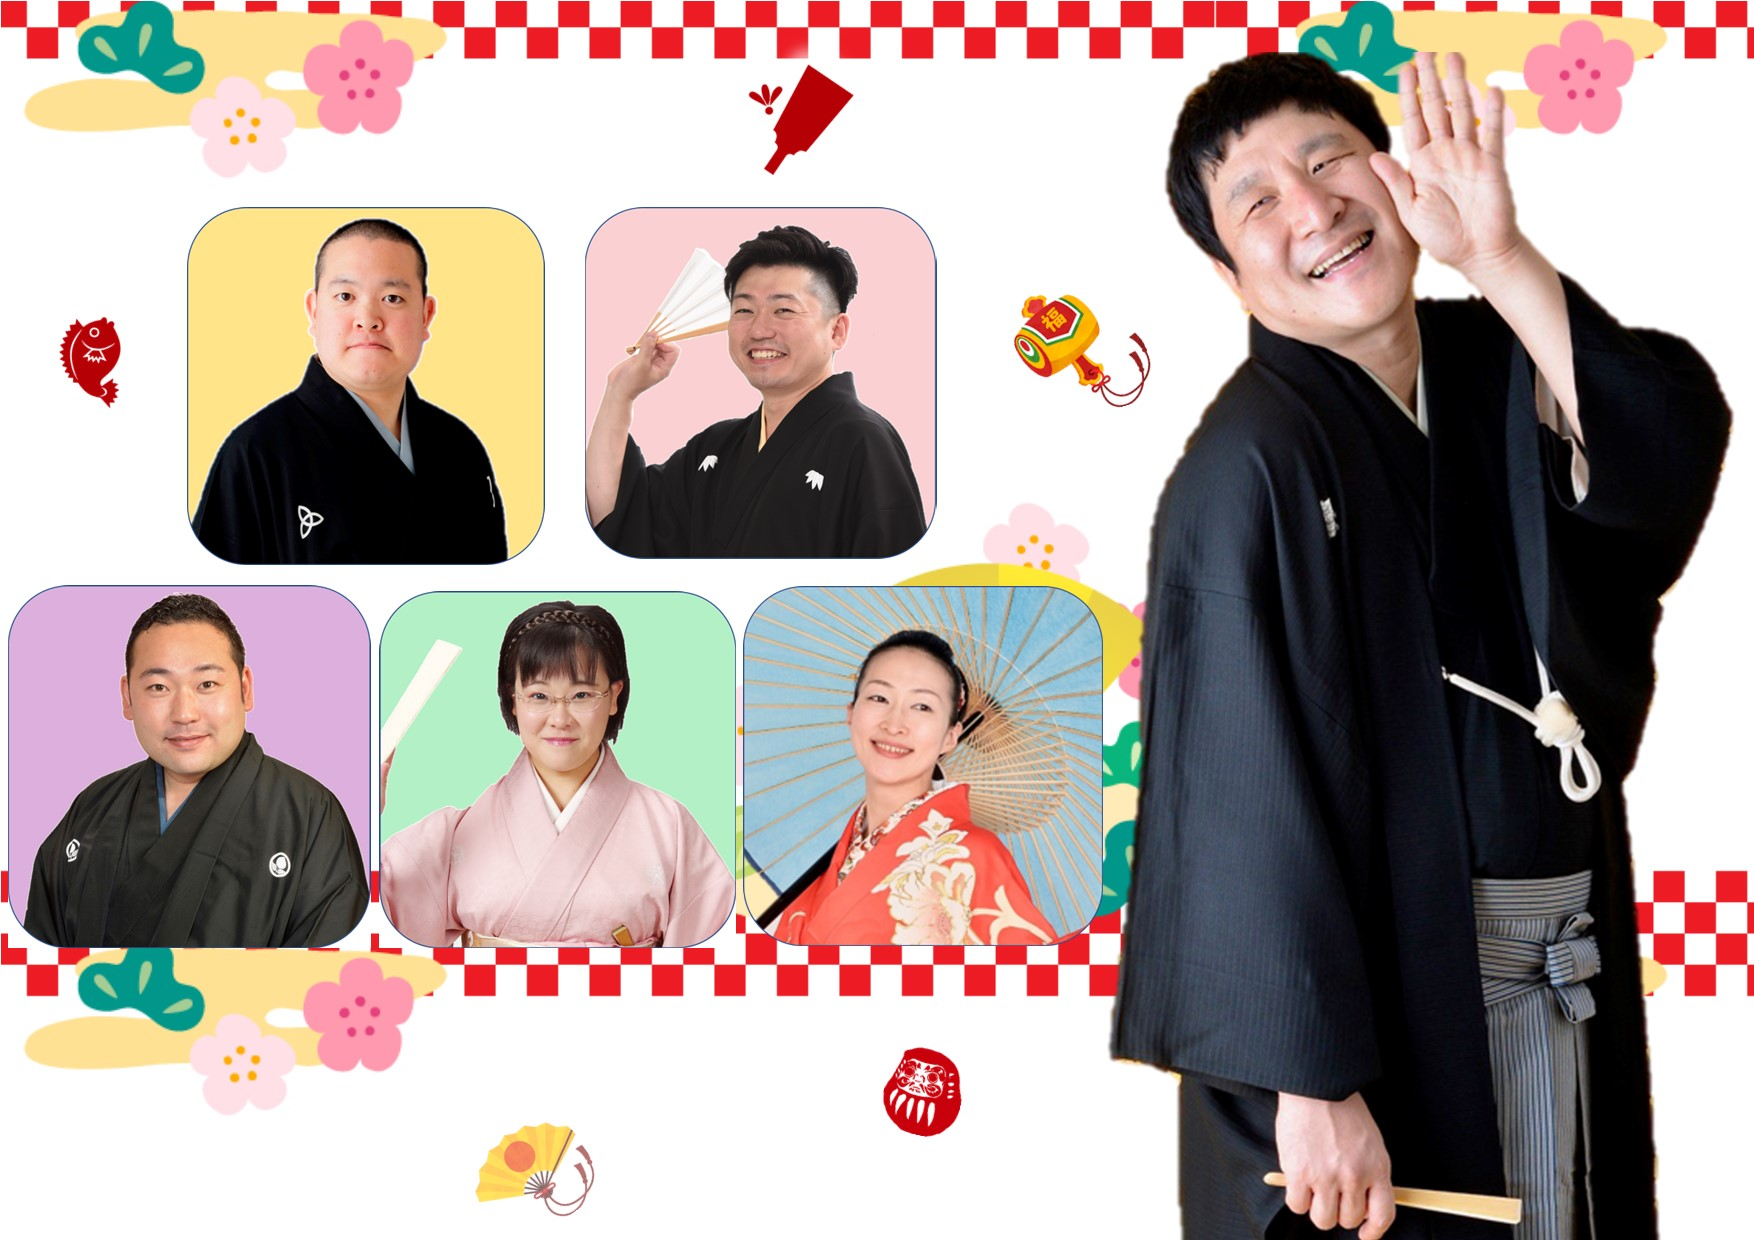 ほくとぴあ亭新春特別編 瀧川鯉八とノリに乗った若手たちの画像